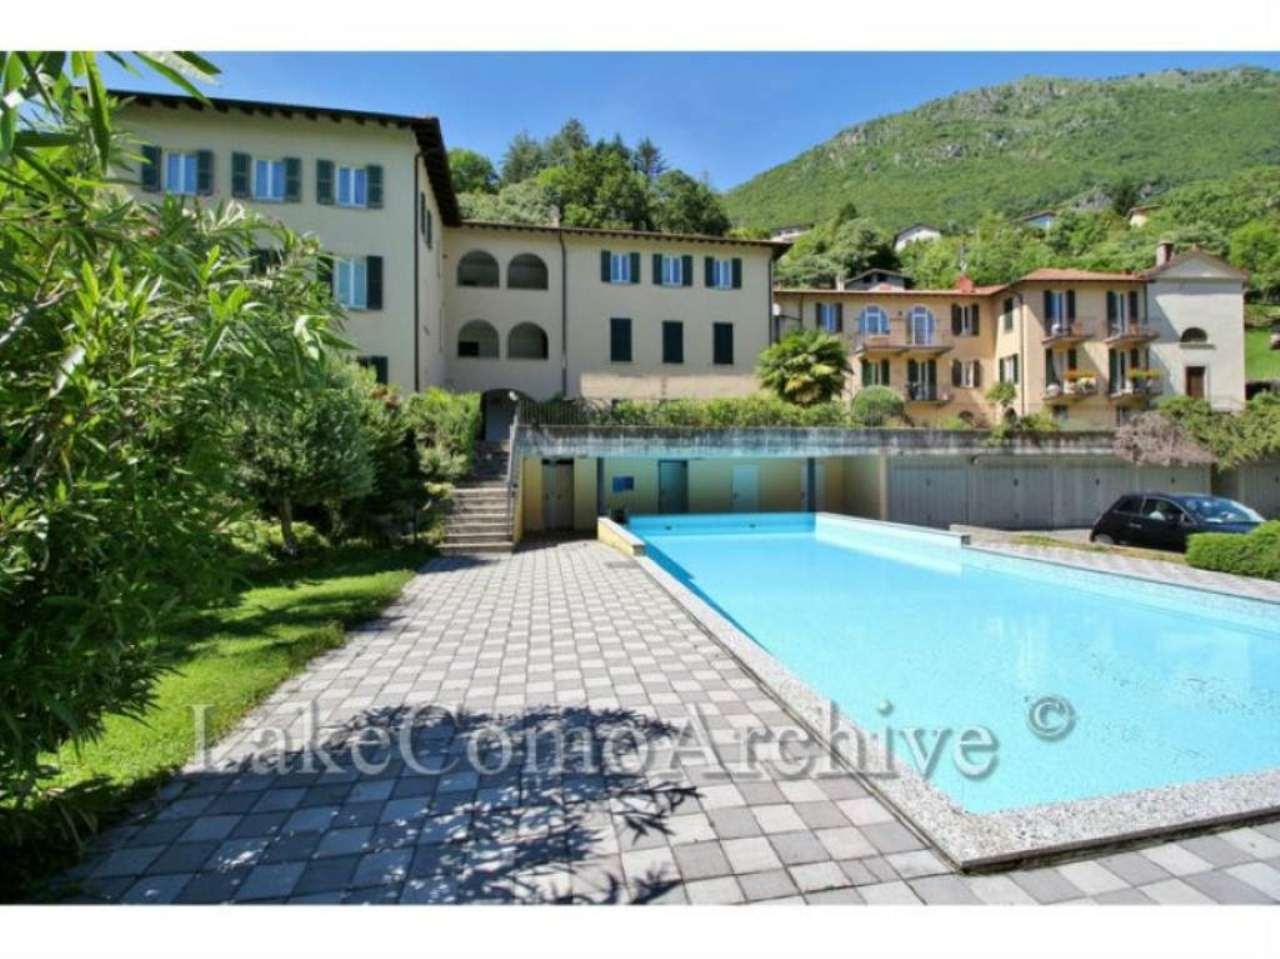 Appartamento in vendita Rif. 4857633